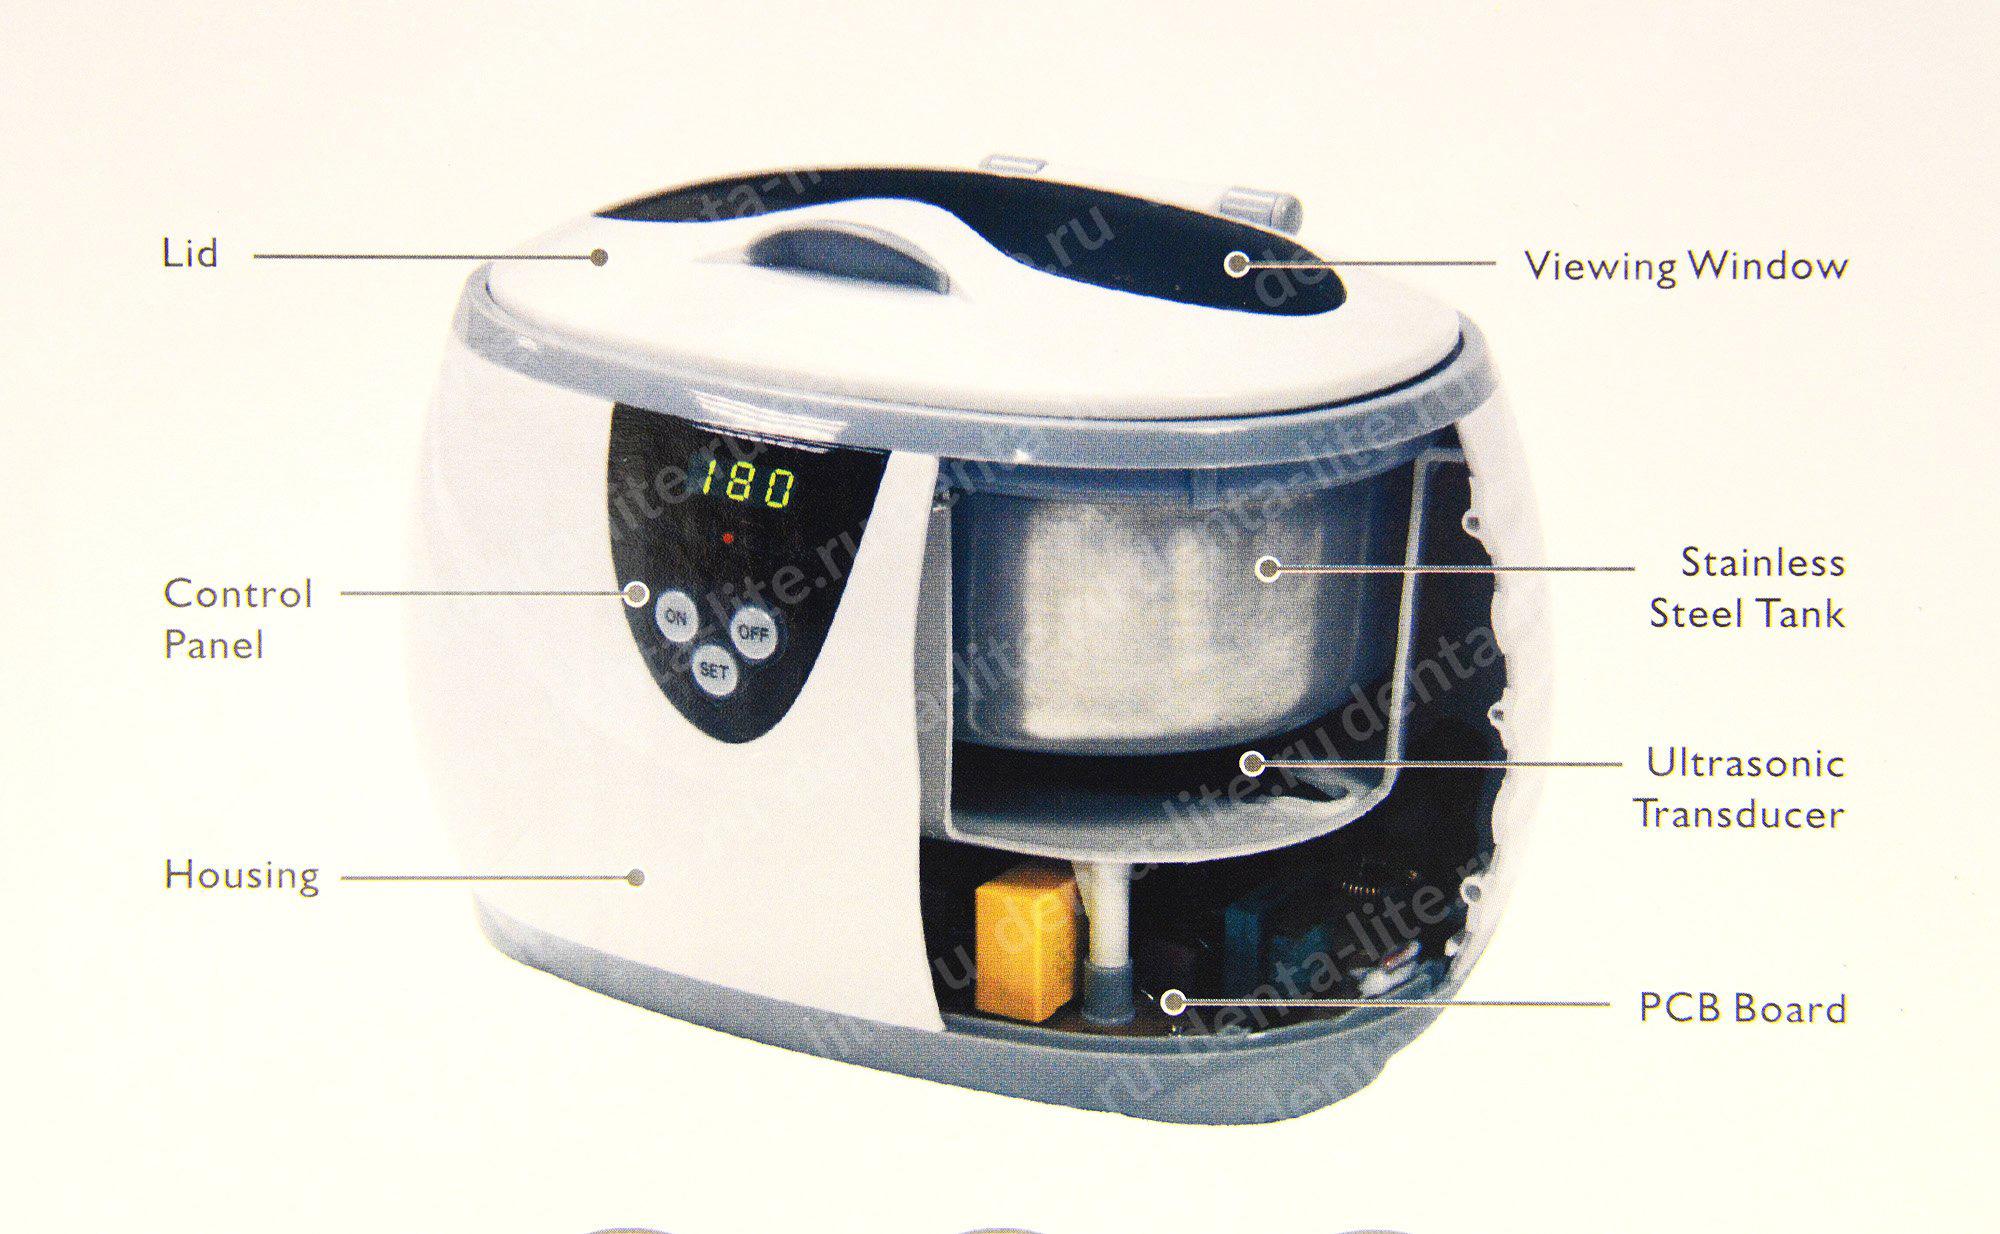 Ultrasonic Cleaner CD-3800A схема, ультразвуковой очиститель в разрезе